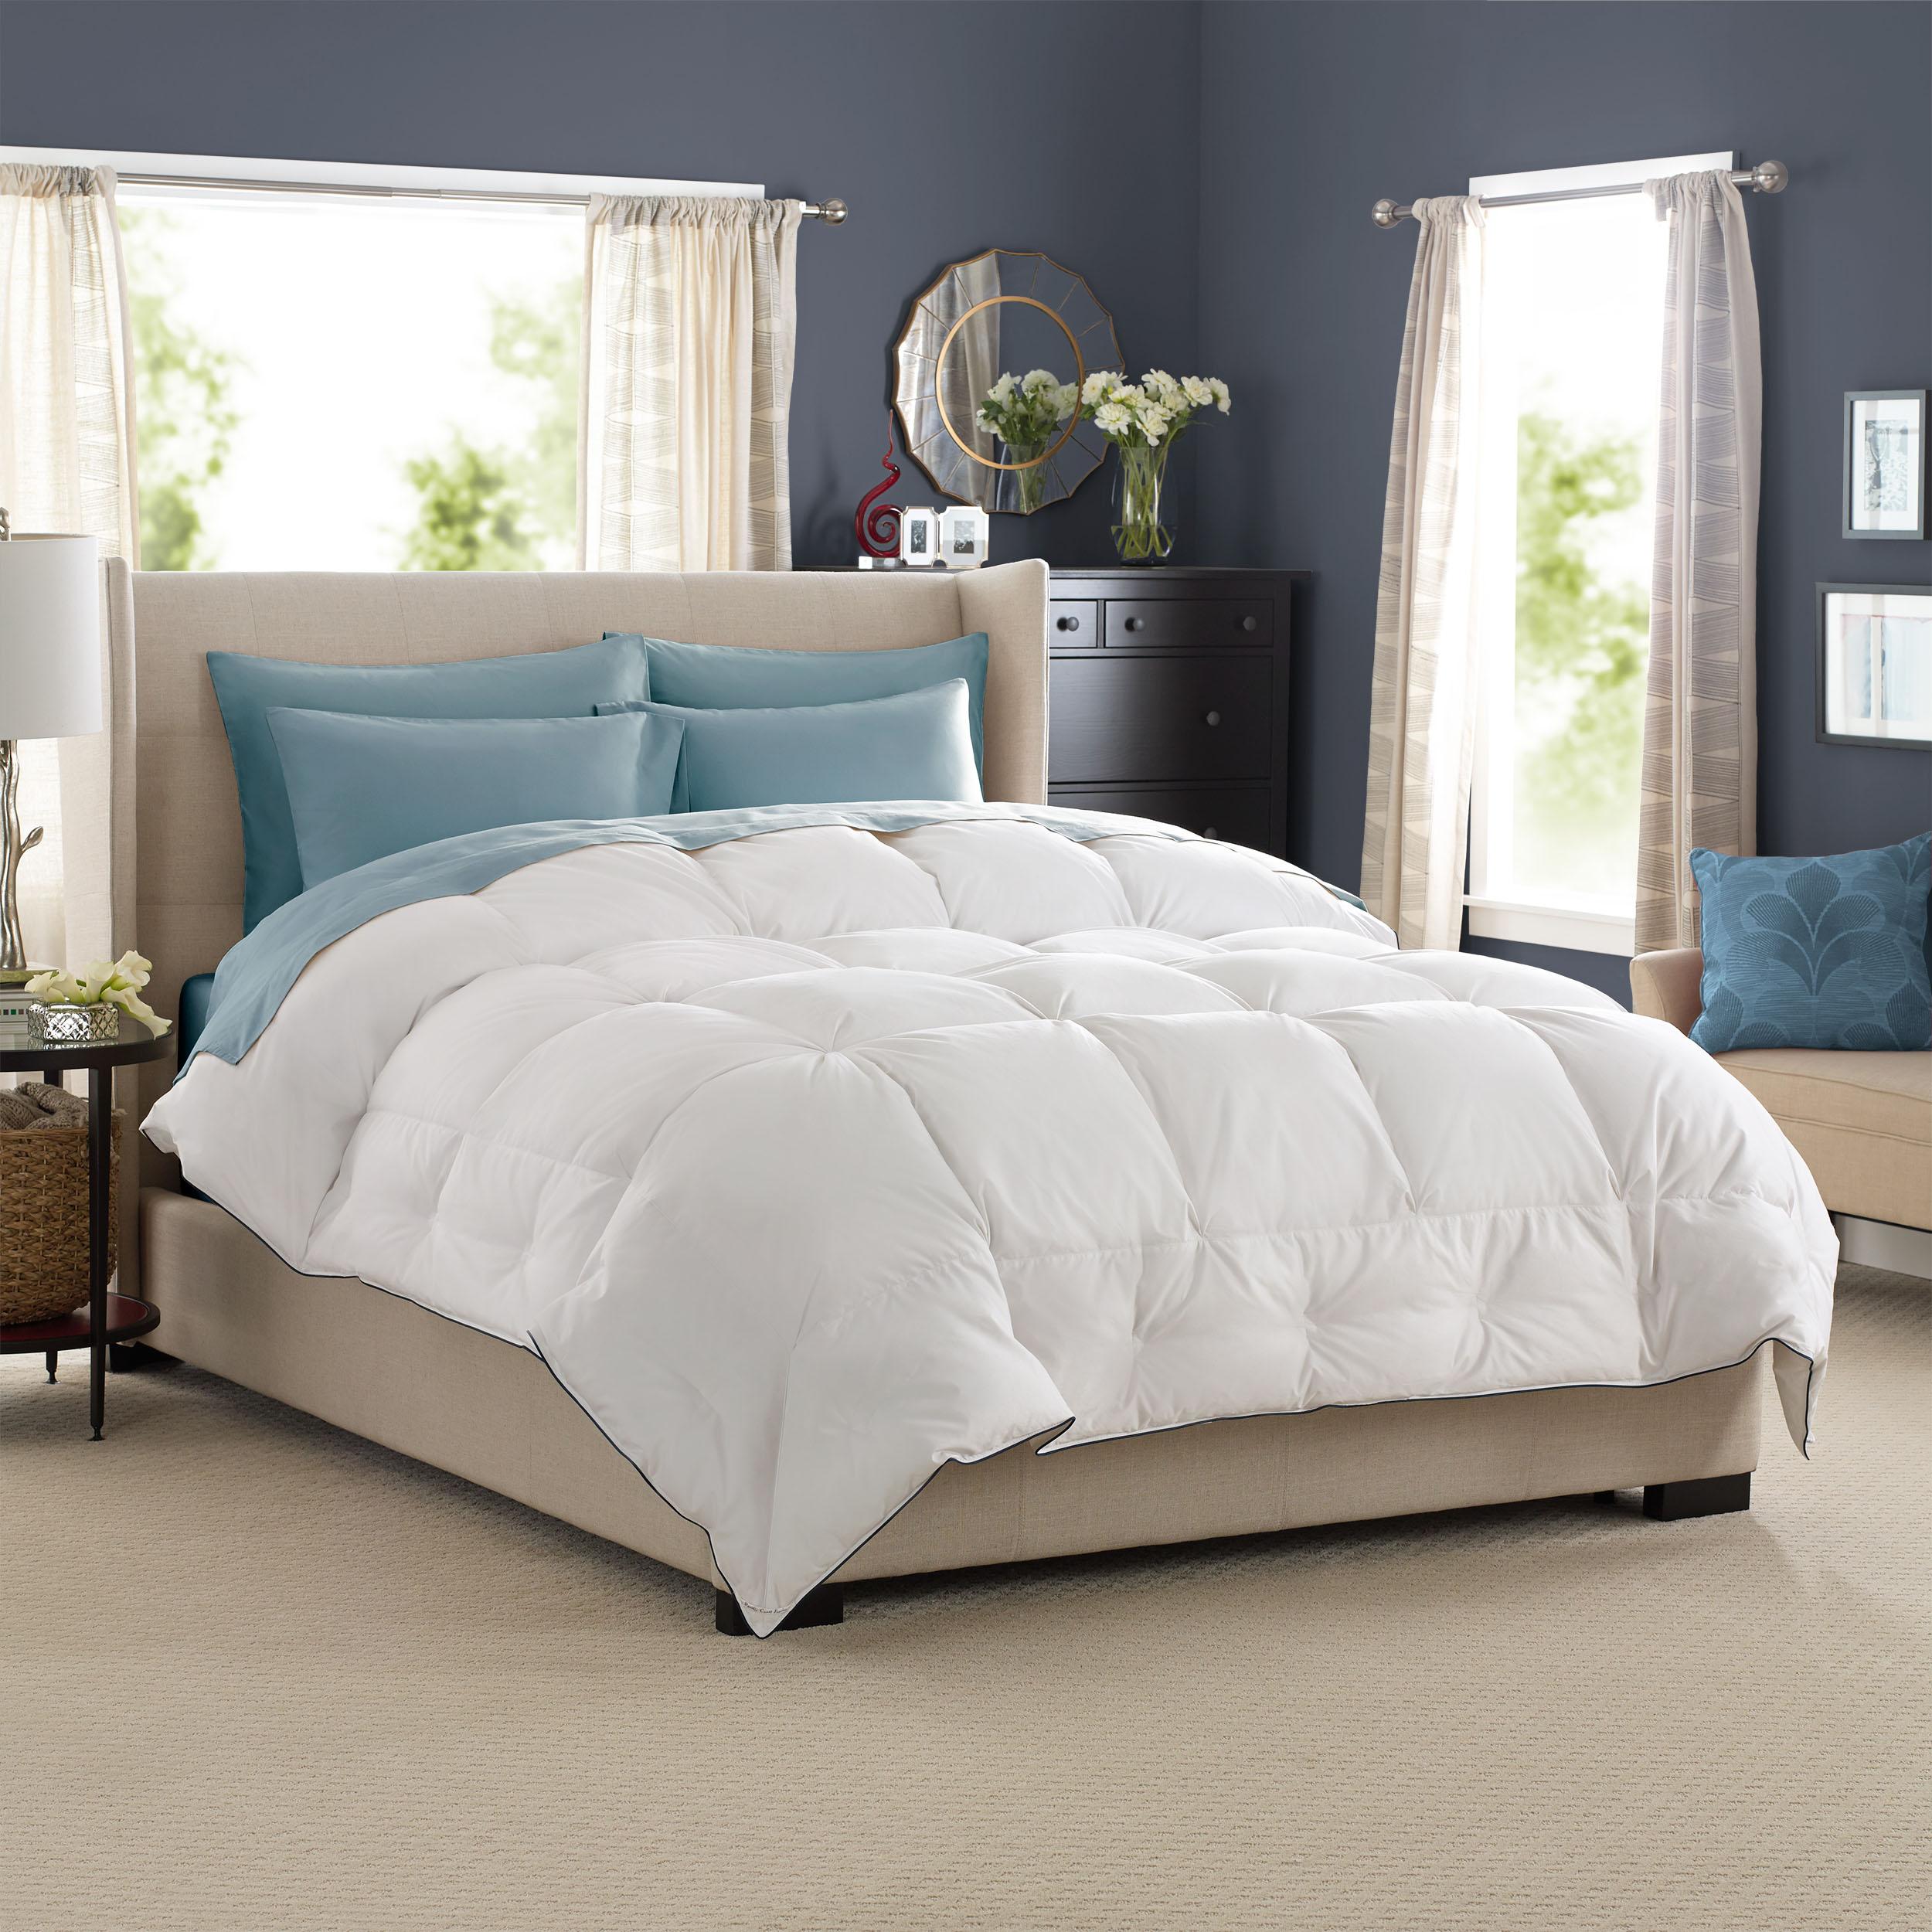 Superloft Deluxe Comforter Pacific Coast Bedding